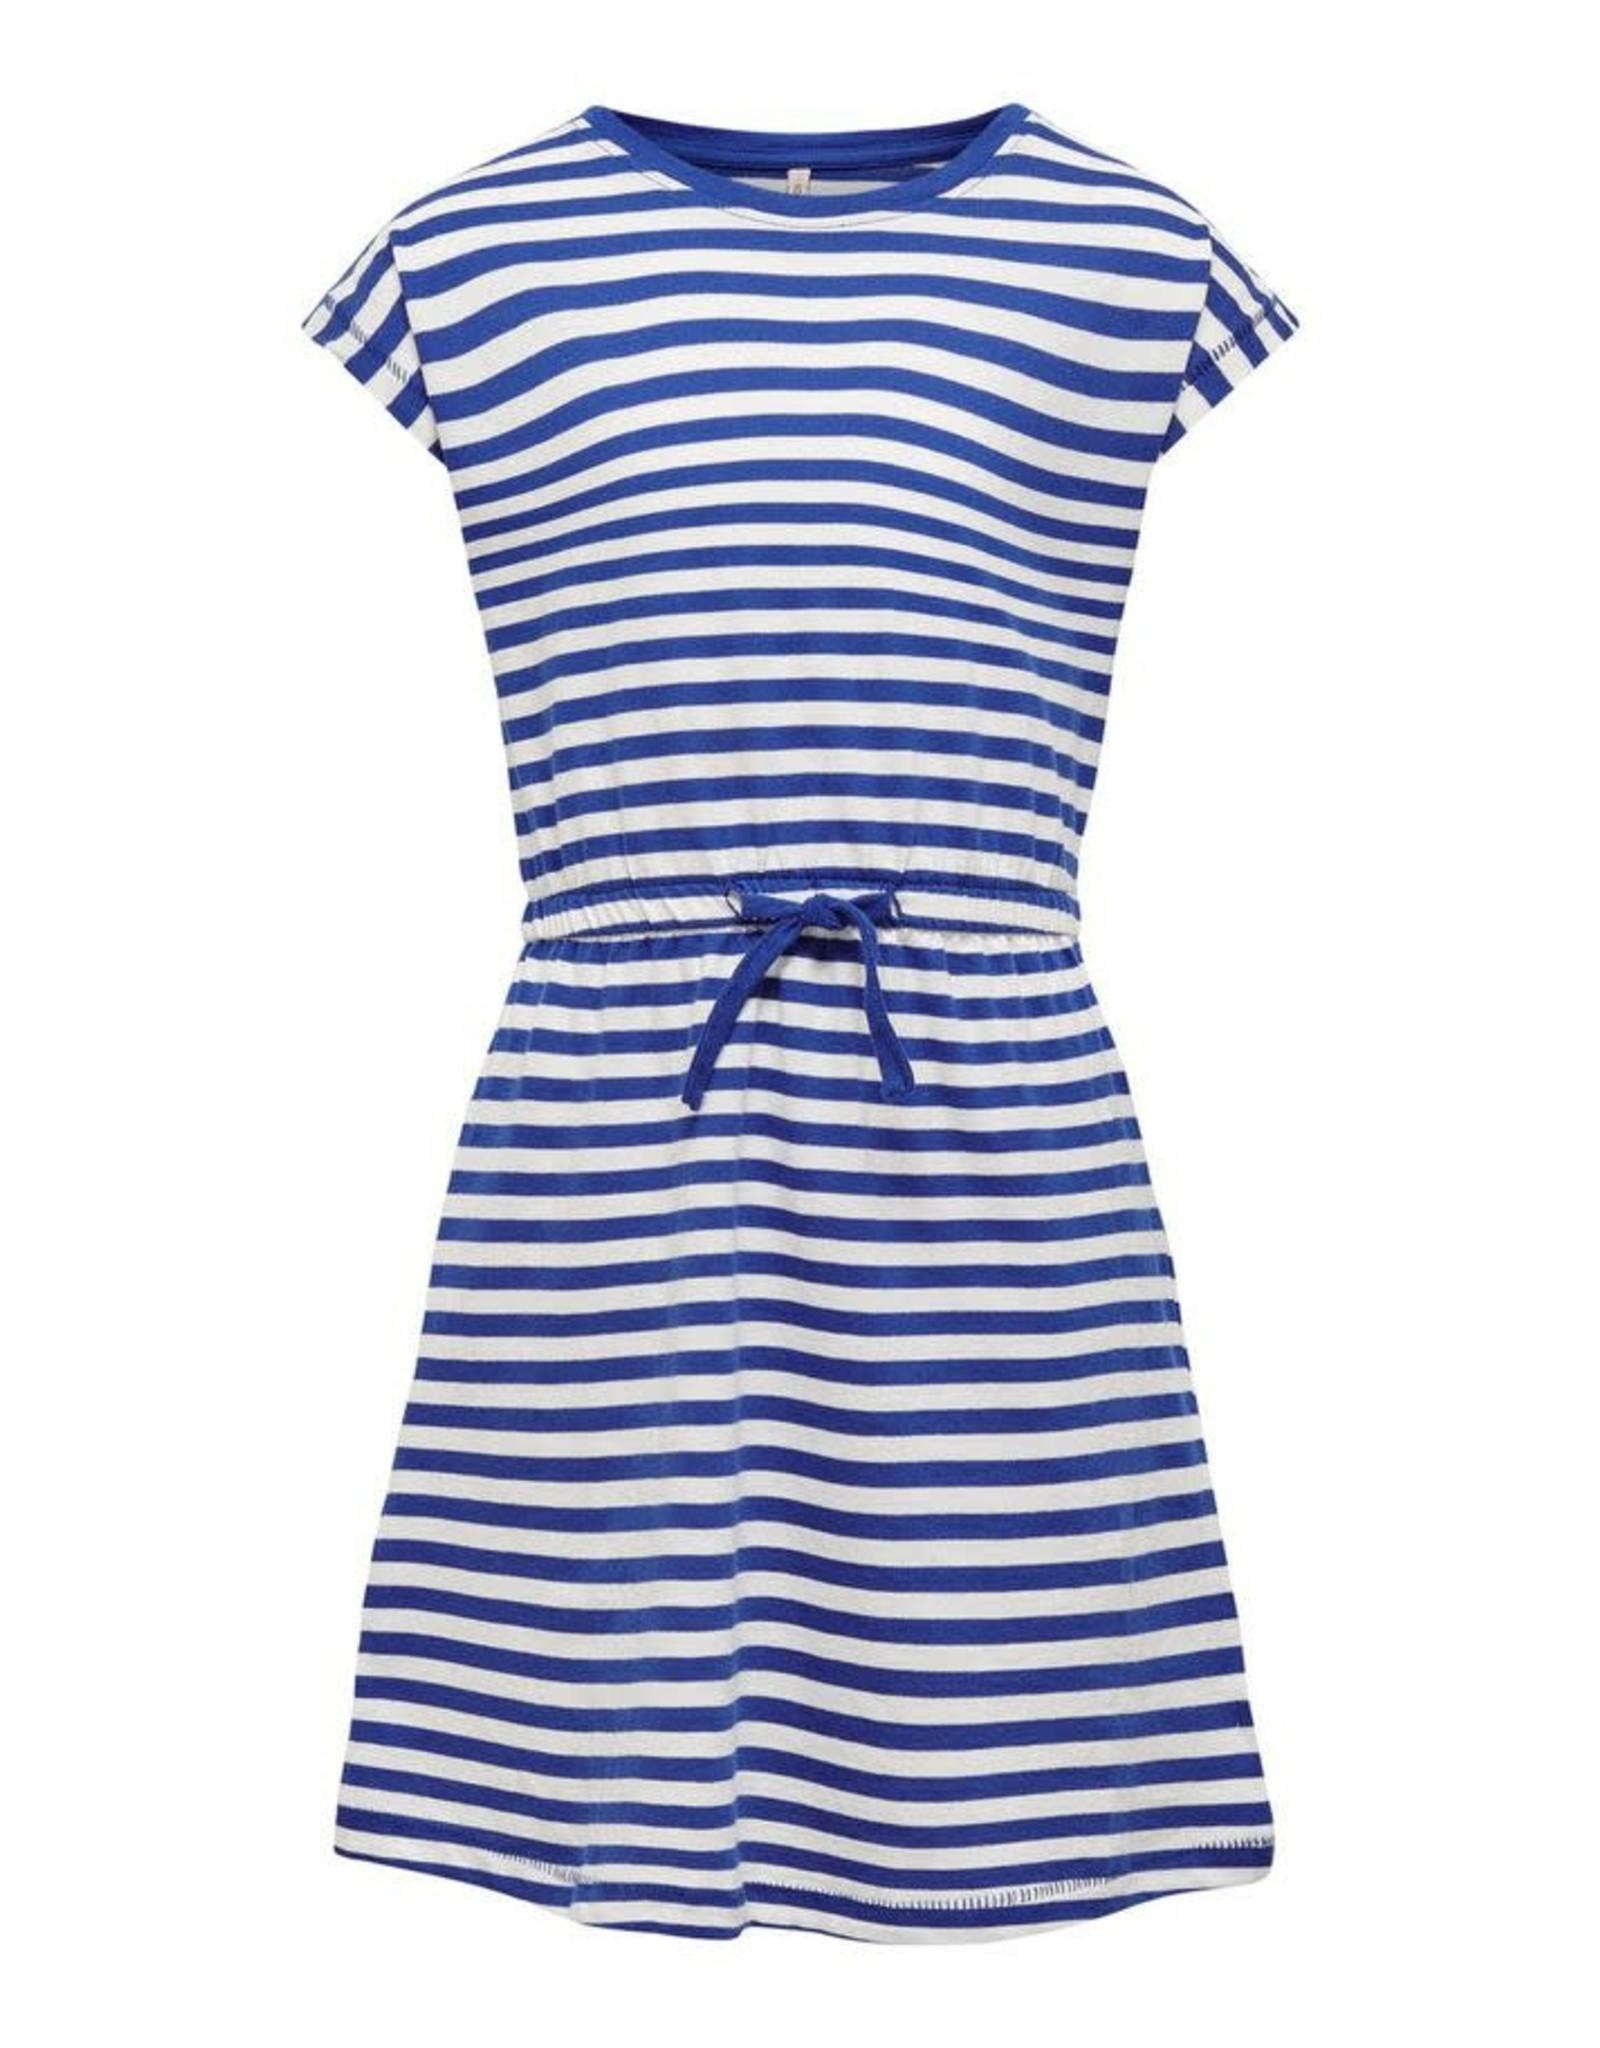 KIDS ONLY Blauw gestreept zacht kleedje